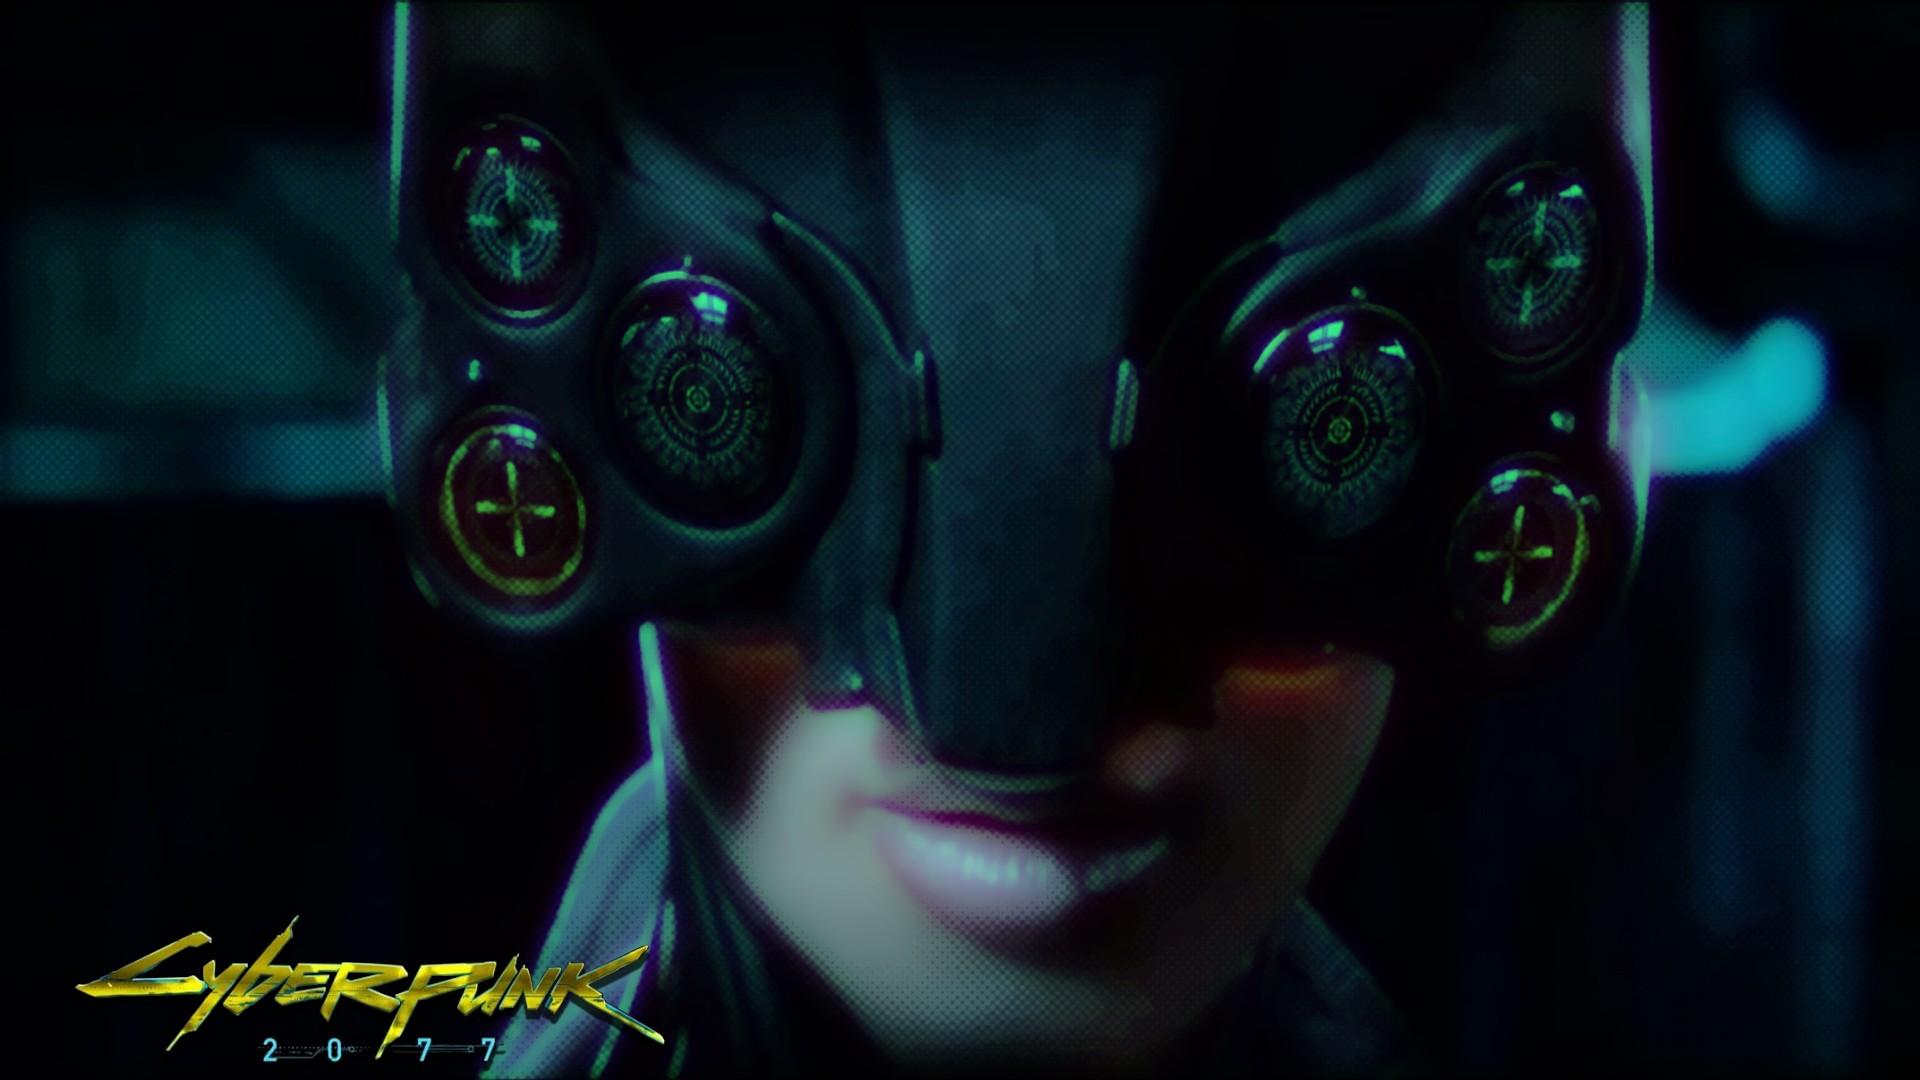 Слух: Microsoft стала маркетинговым партнером Cyberpunk 2077, Borderlands 3 и новой Splinter Cell